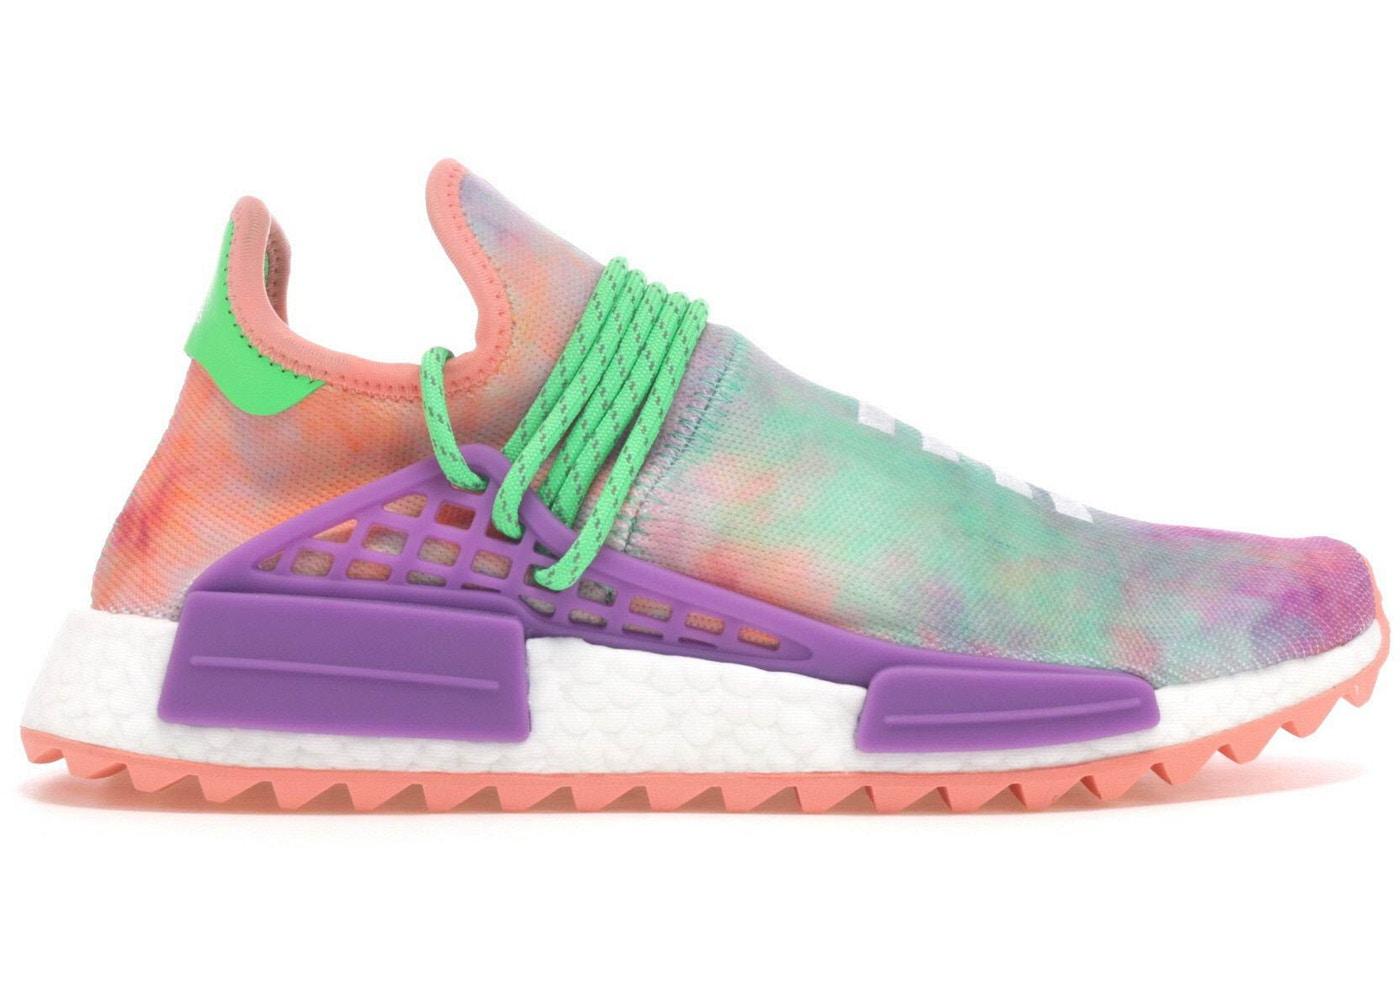 adidas Human Race NMD Pharrell Holi Festival チョークコーラル/フラッシュグリーンラボパープル